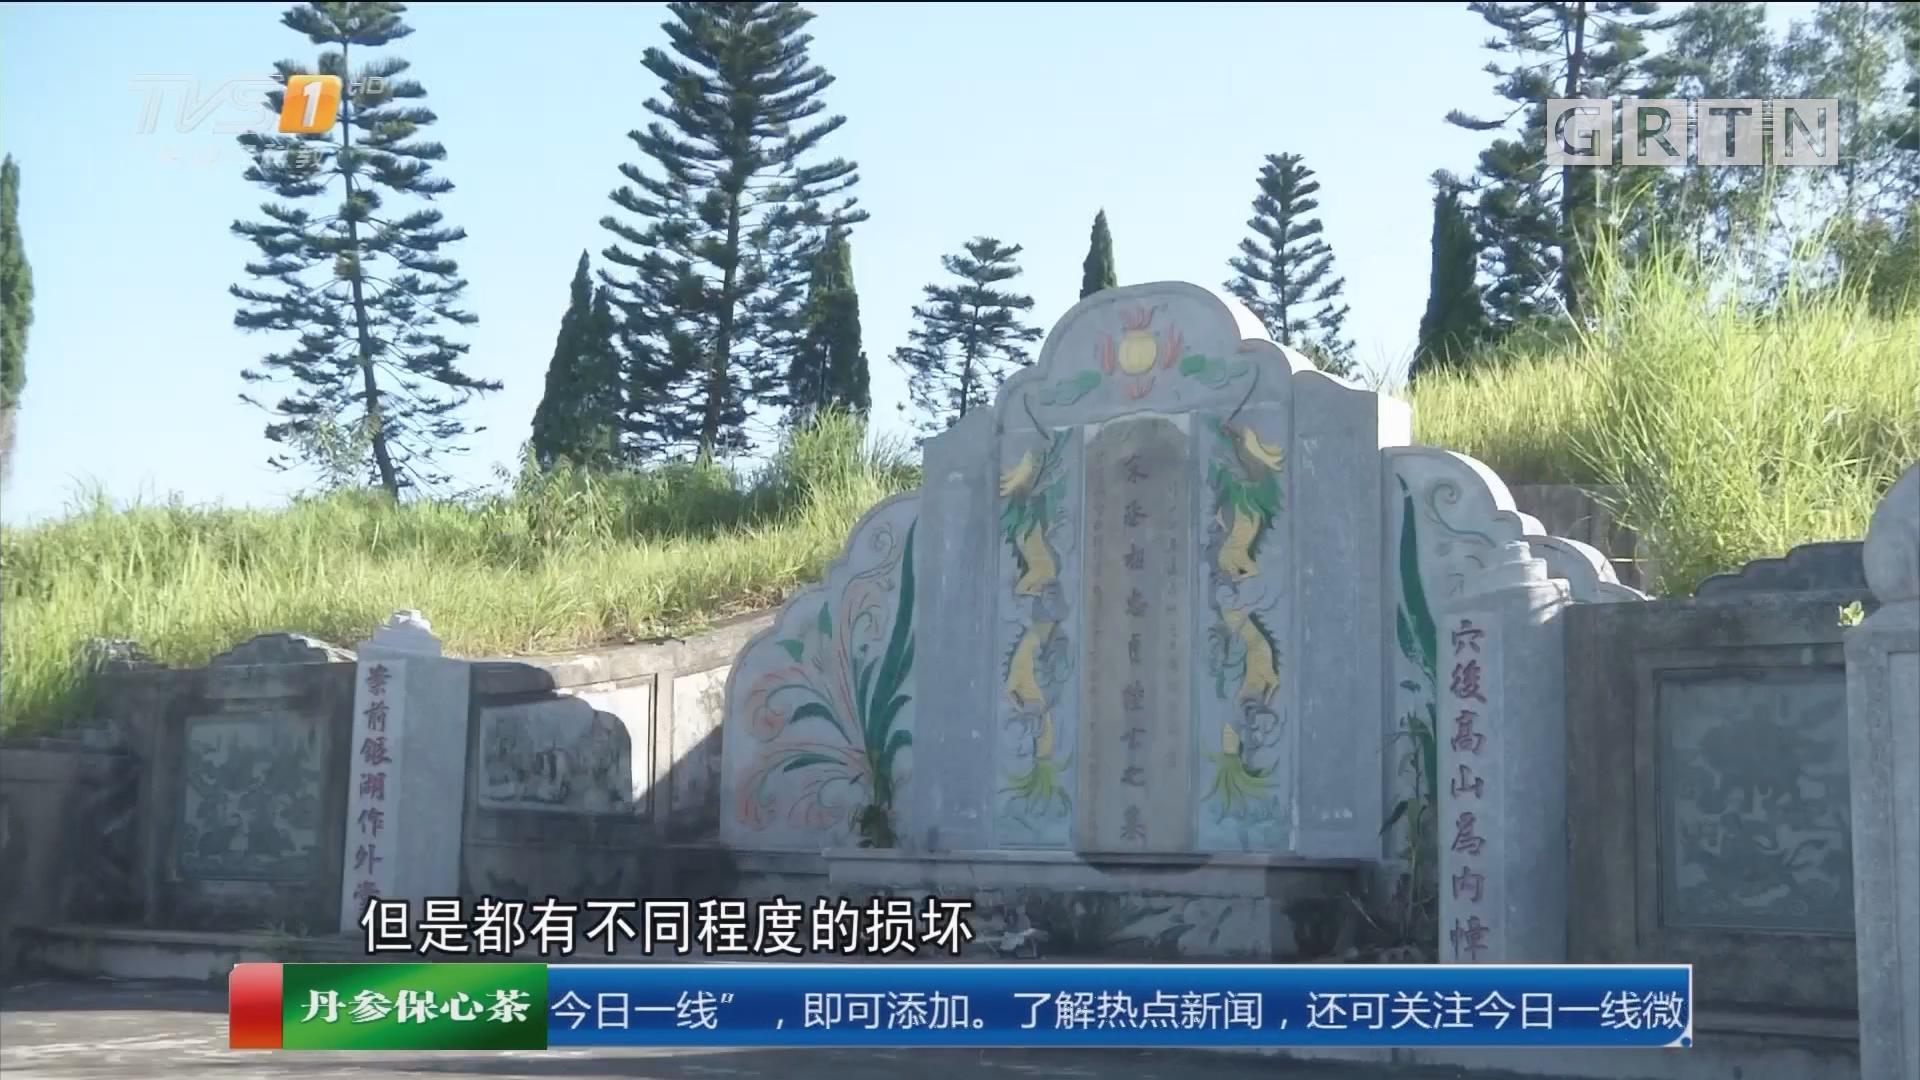 潮州湘桥:南宋名相陵园遭破坏 香炉石柱被击毁